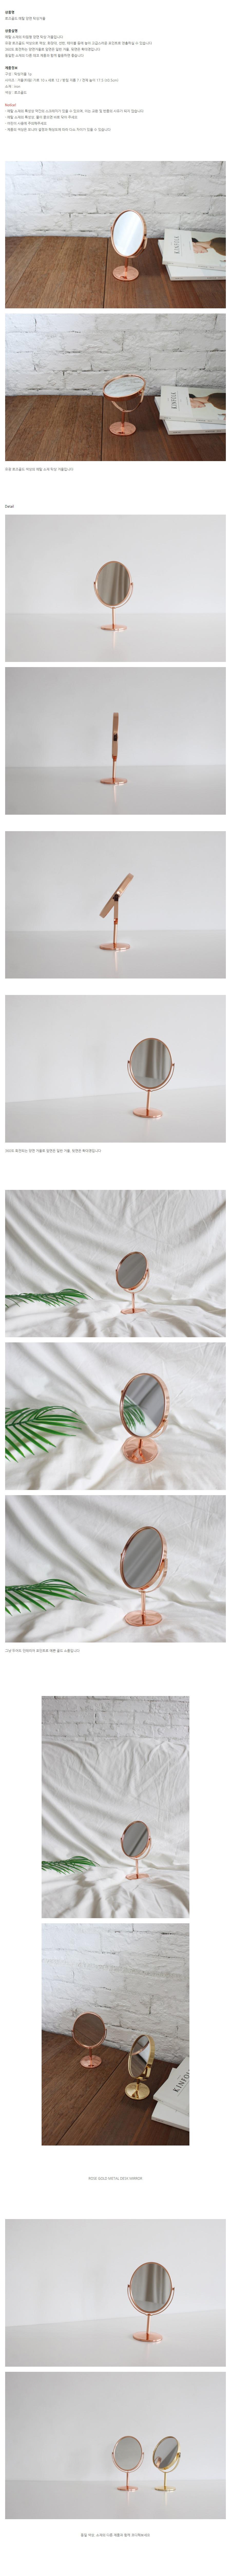 로즈골드 메탈 양면 탁상거울 - 홈앳, 12,000원, 거울, 탁상거울